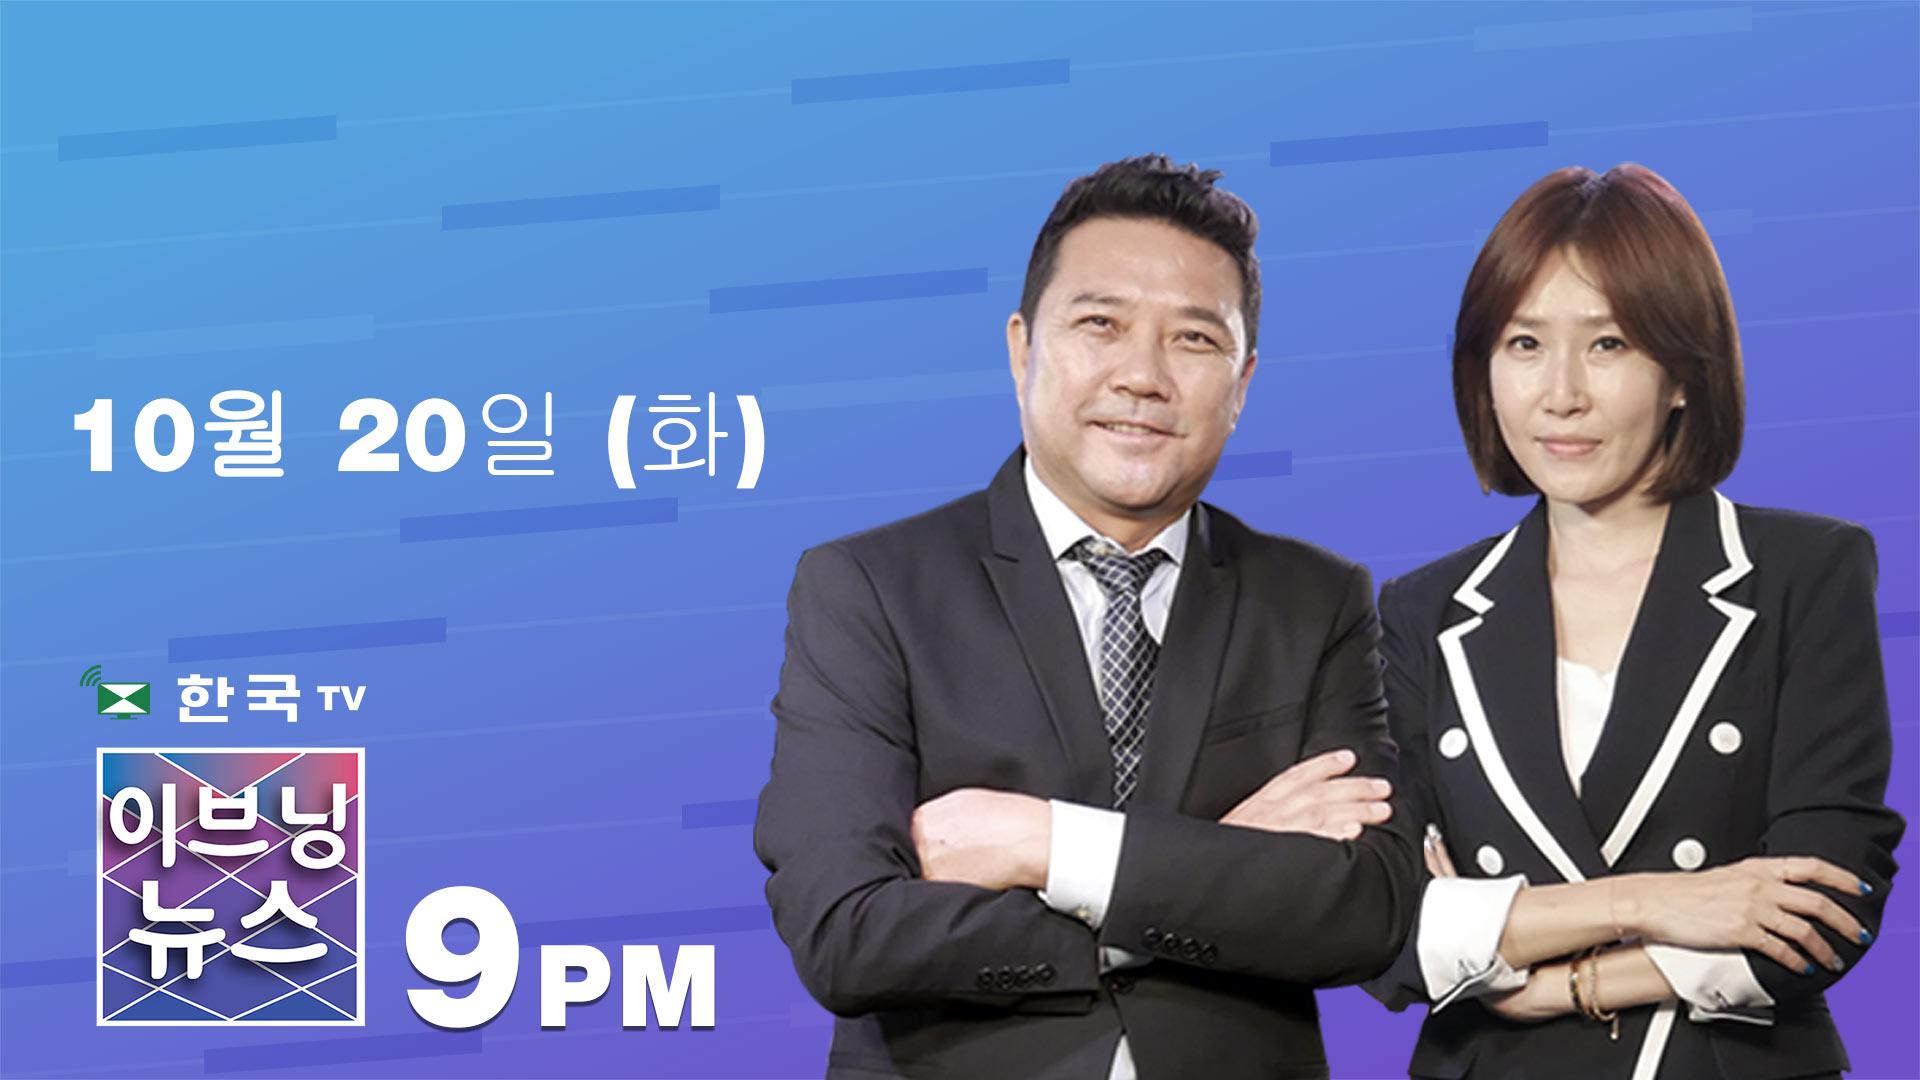 (10.20.2020) 한국TV 이브닝 뉴스